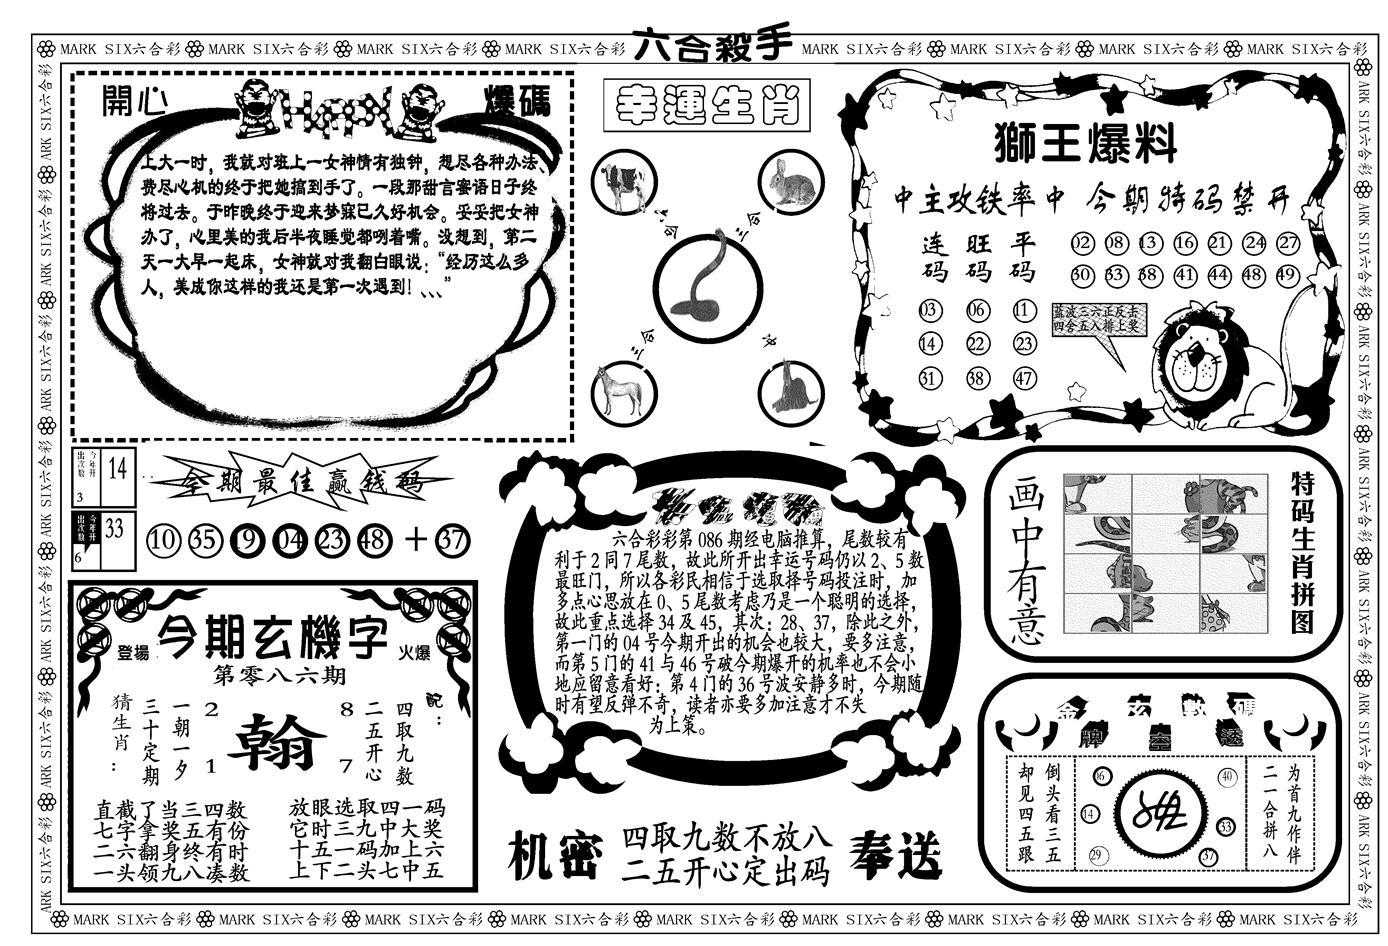 086期新六合杀手B(黑白)